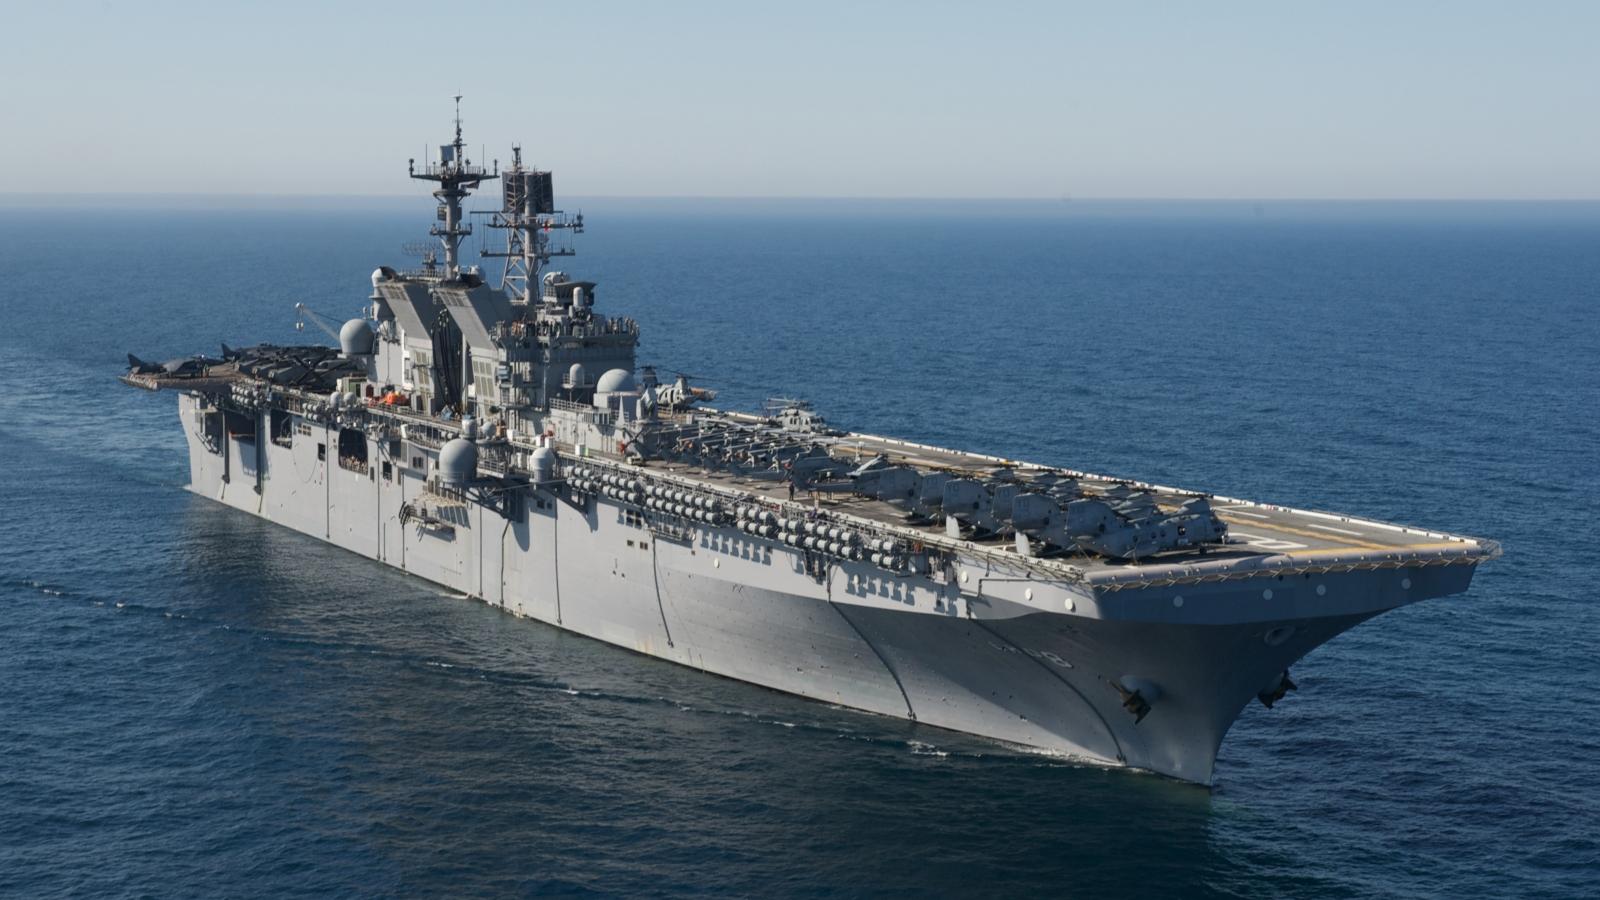 """Tàu sân bay và tàu đổ bộ Mỹ hội tụ trên Biển Đông khiến Trung Quốc """"lạnh gáy"""""""